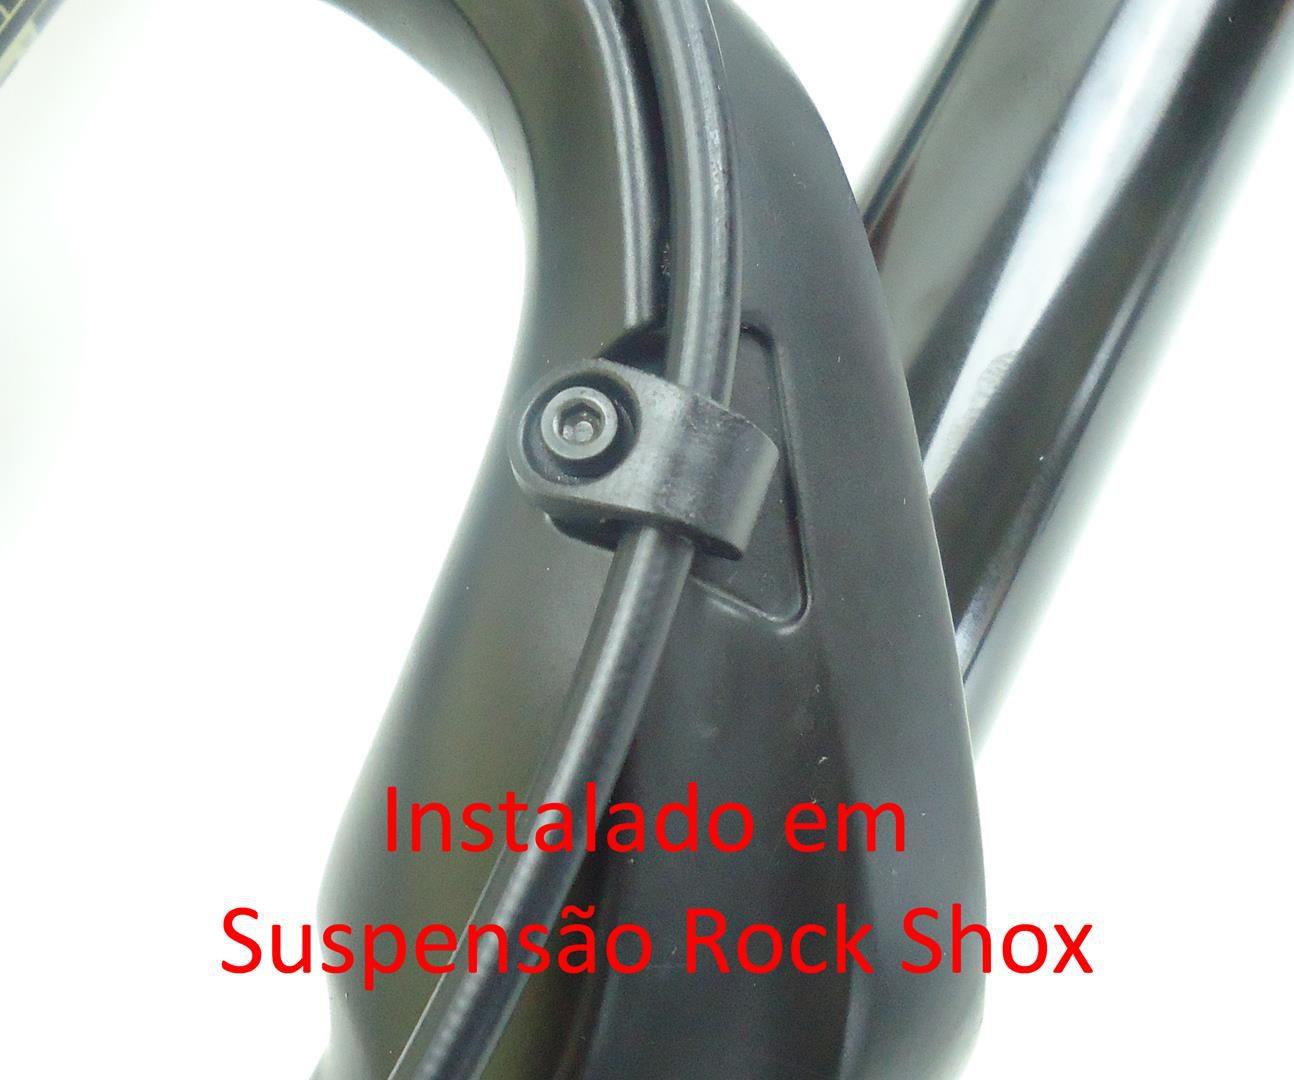 Guia de Cabo Freio para Suspensão Rock Shox FOX Suntour RST